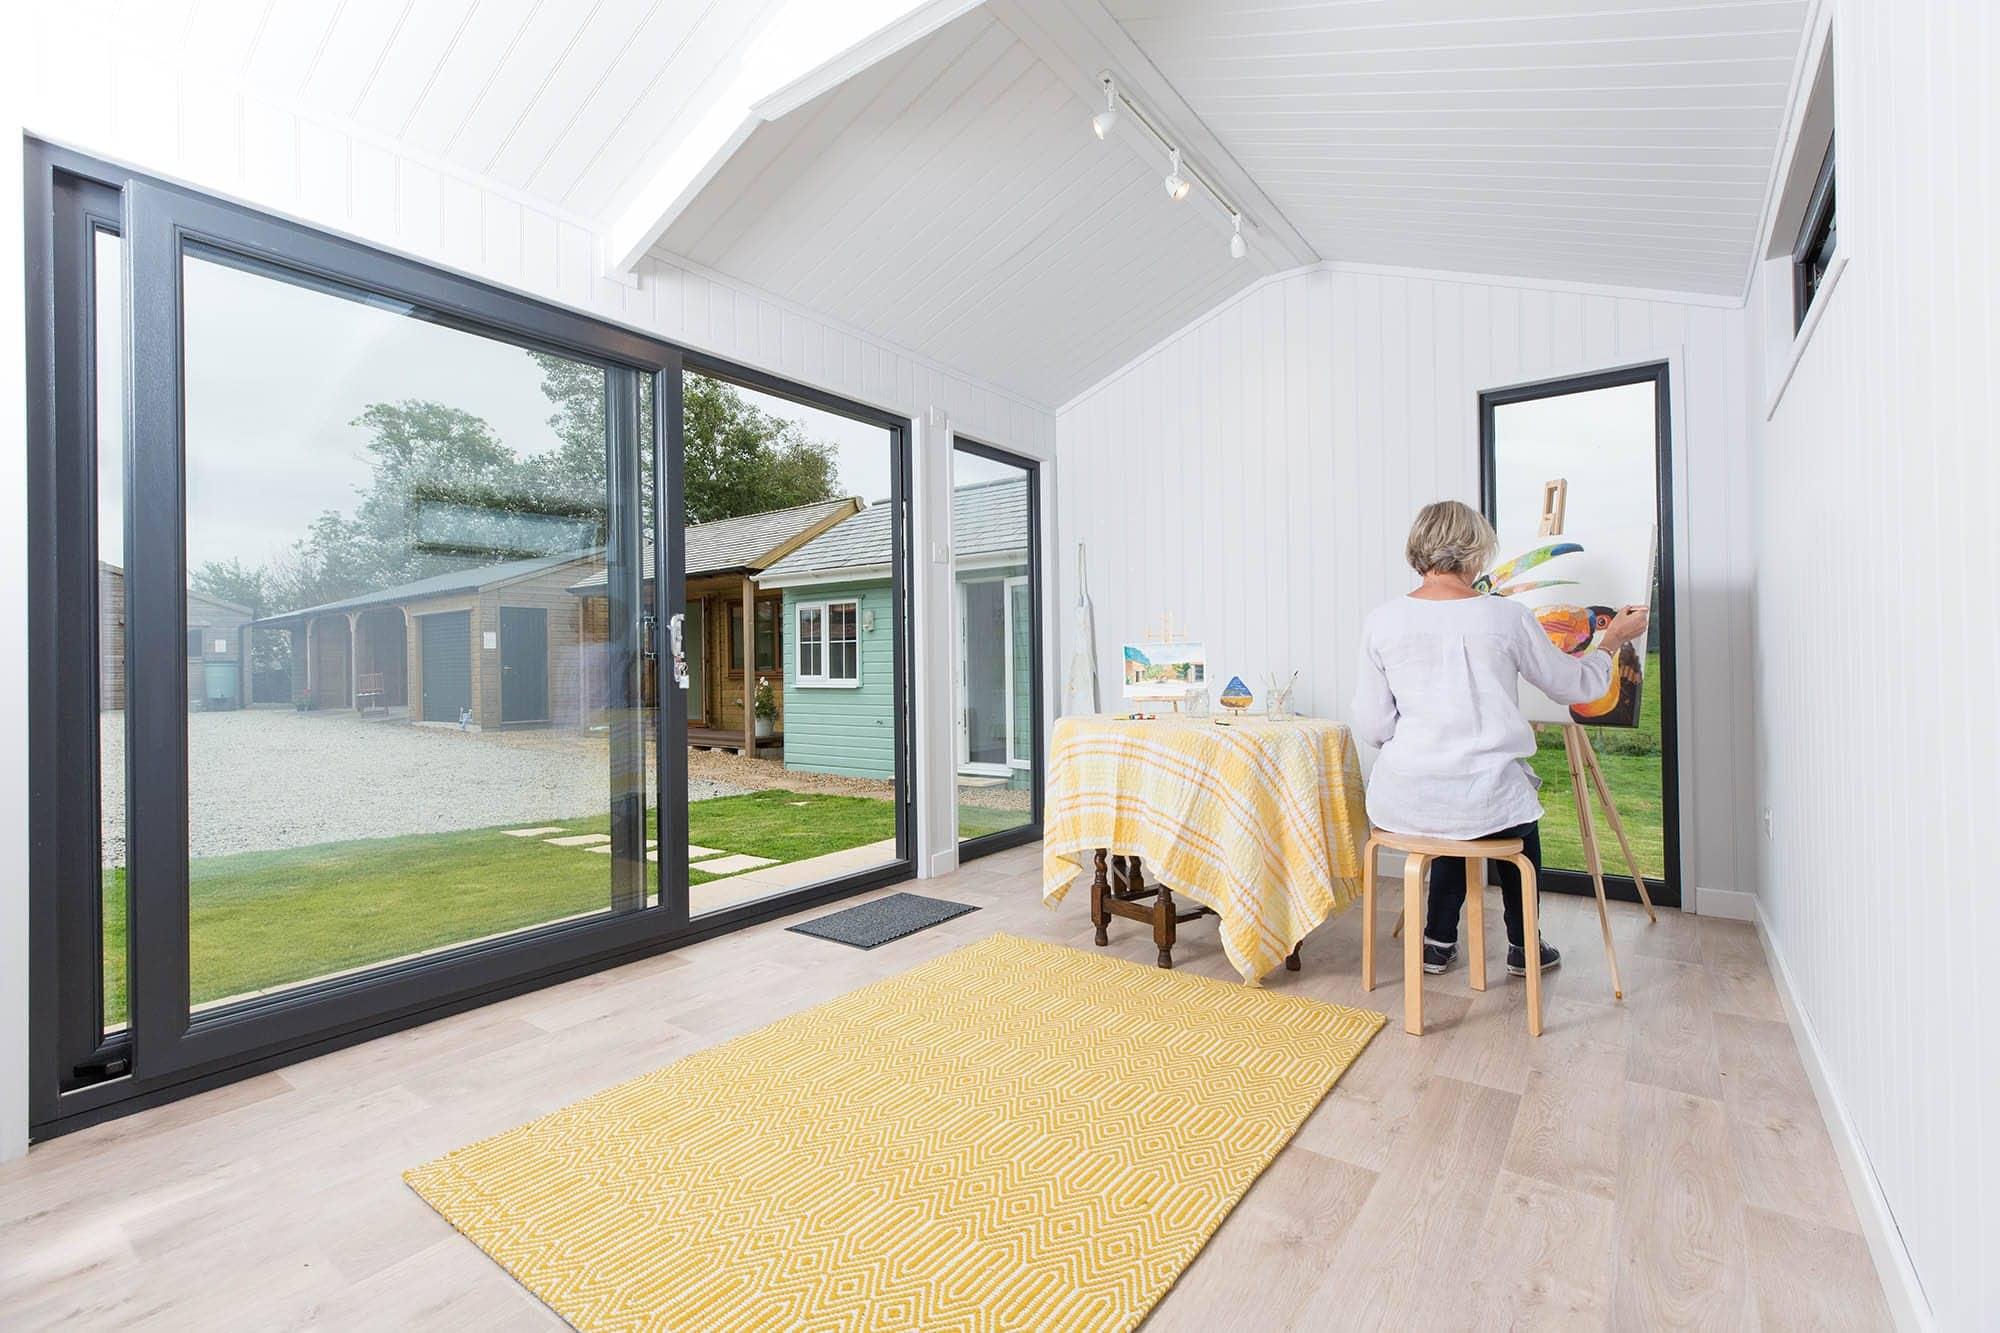 Premium garden building interior